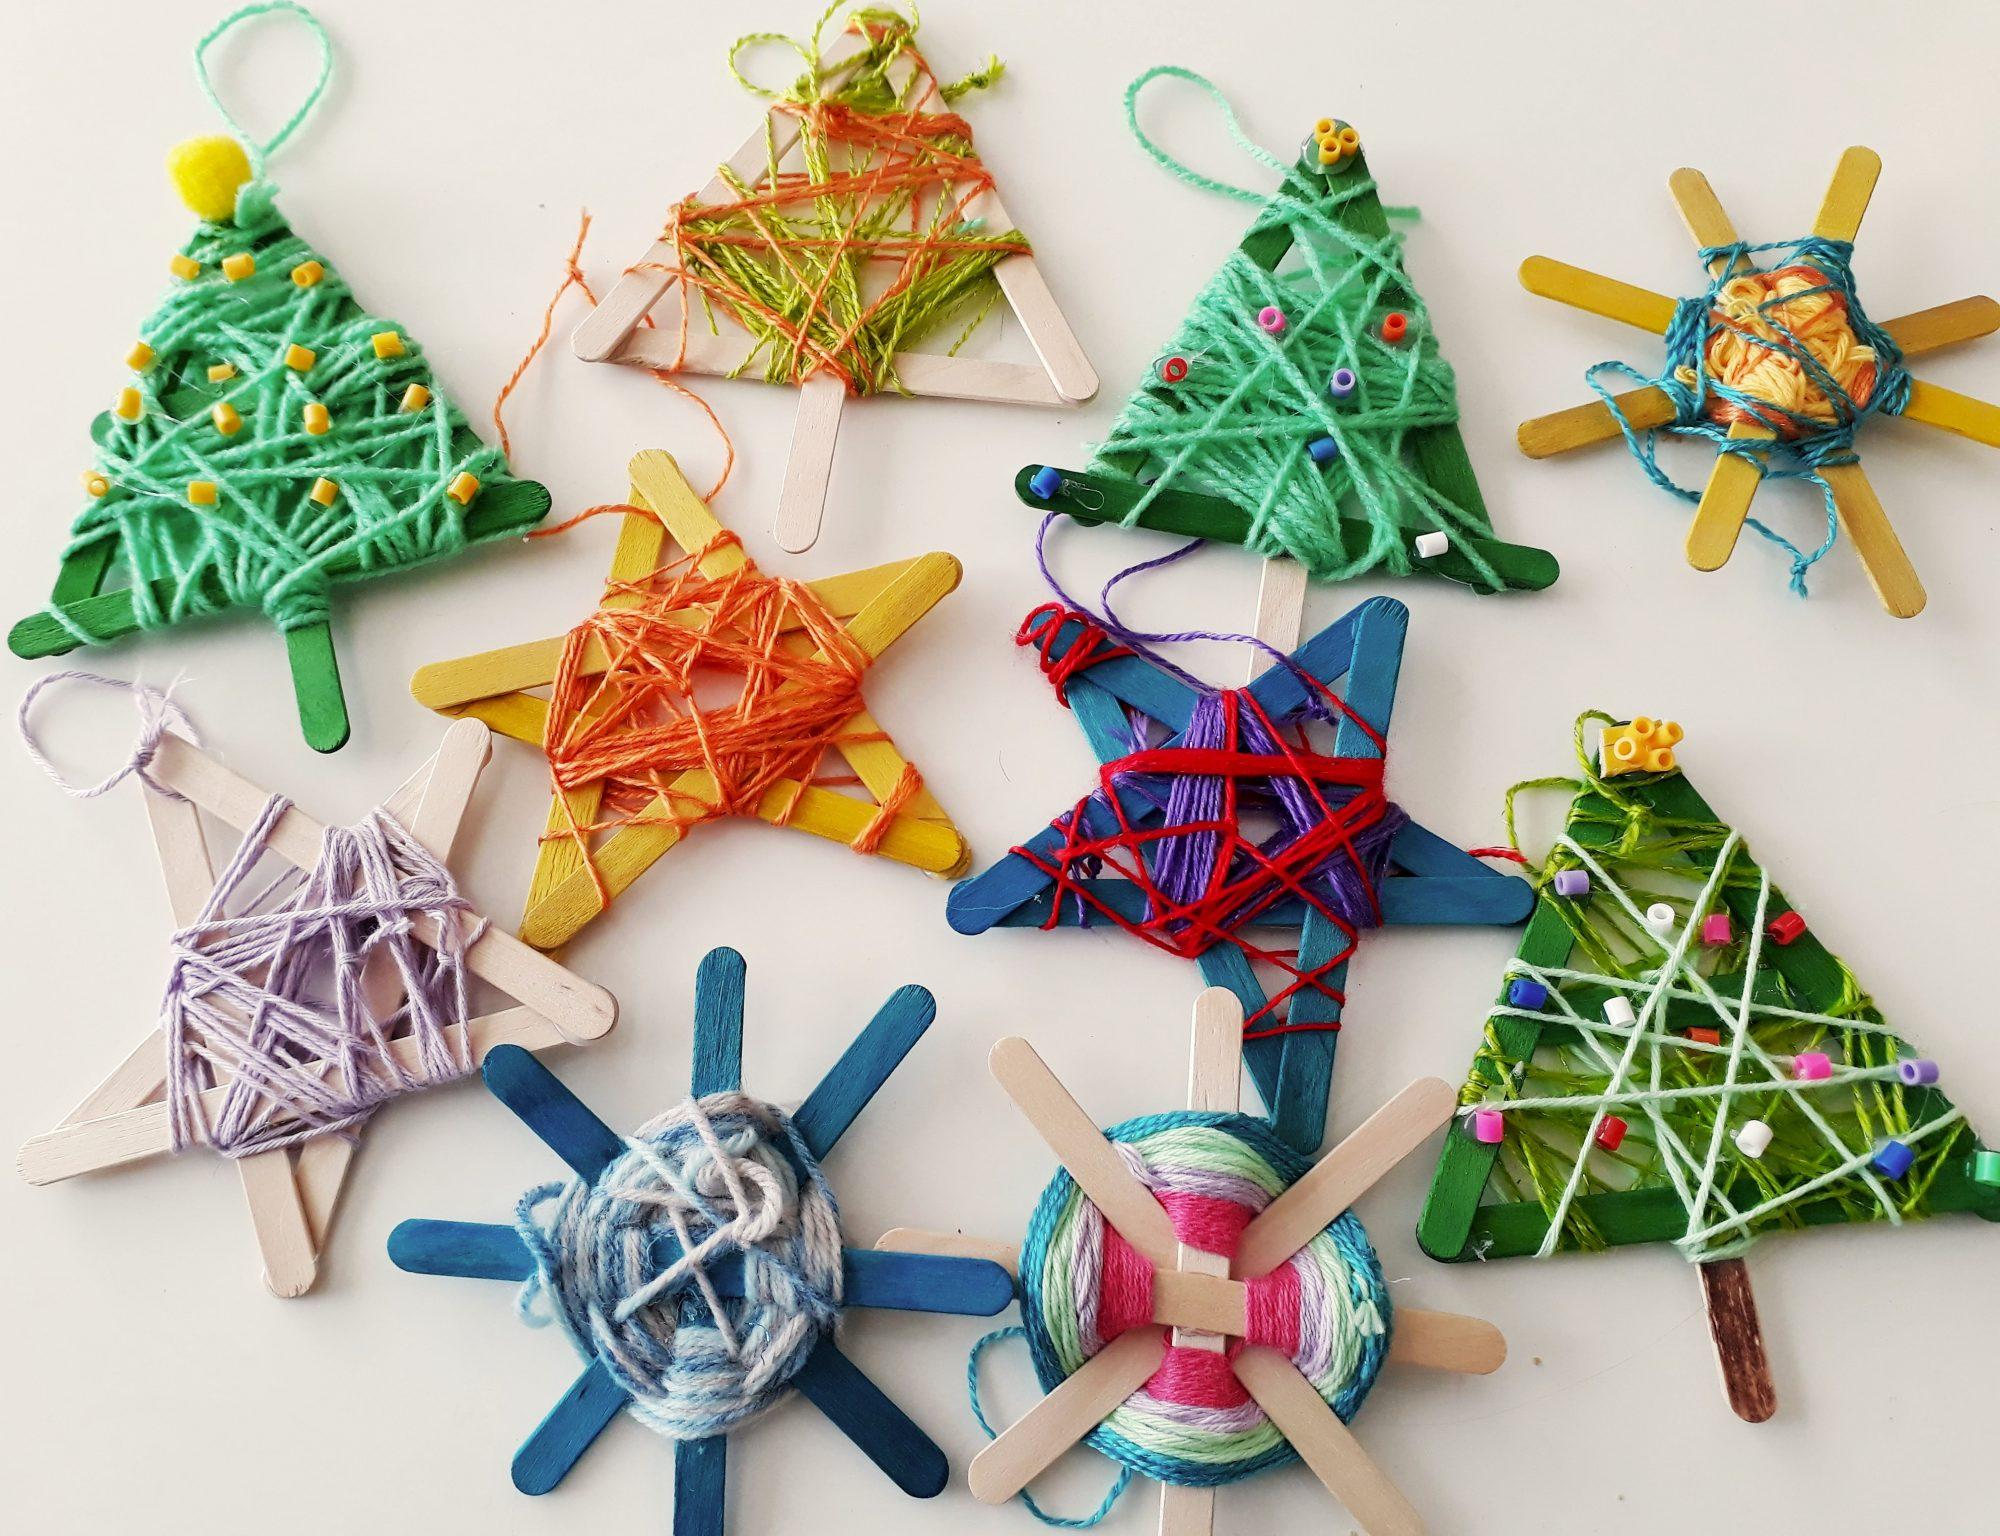 zamotané vianočné ozdoby